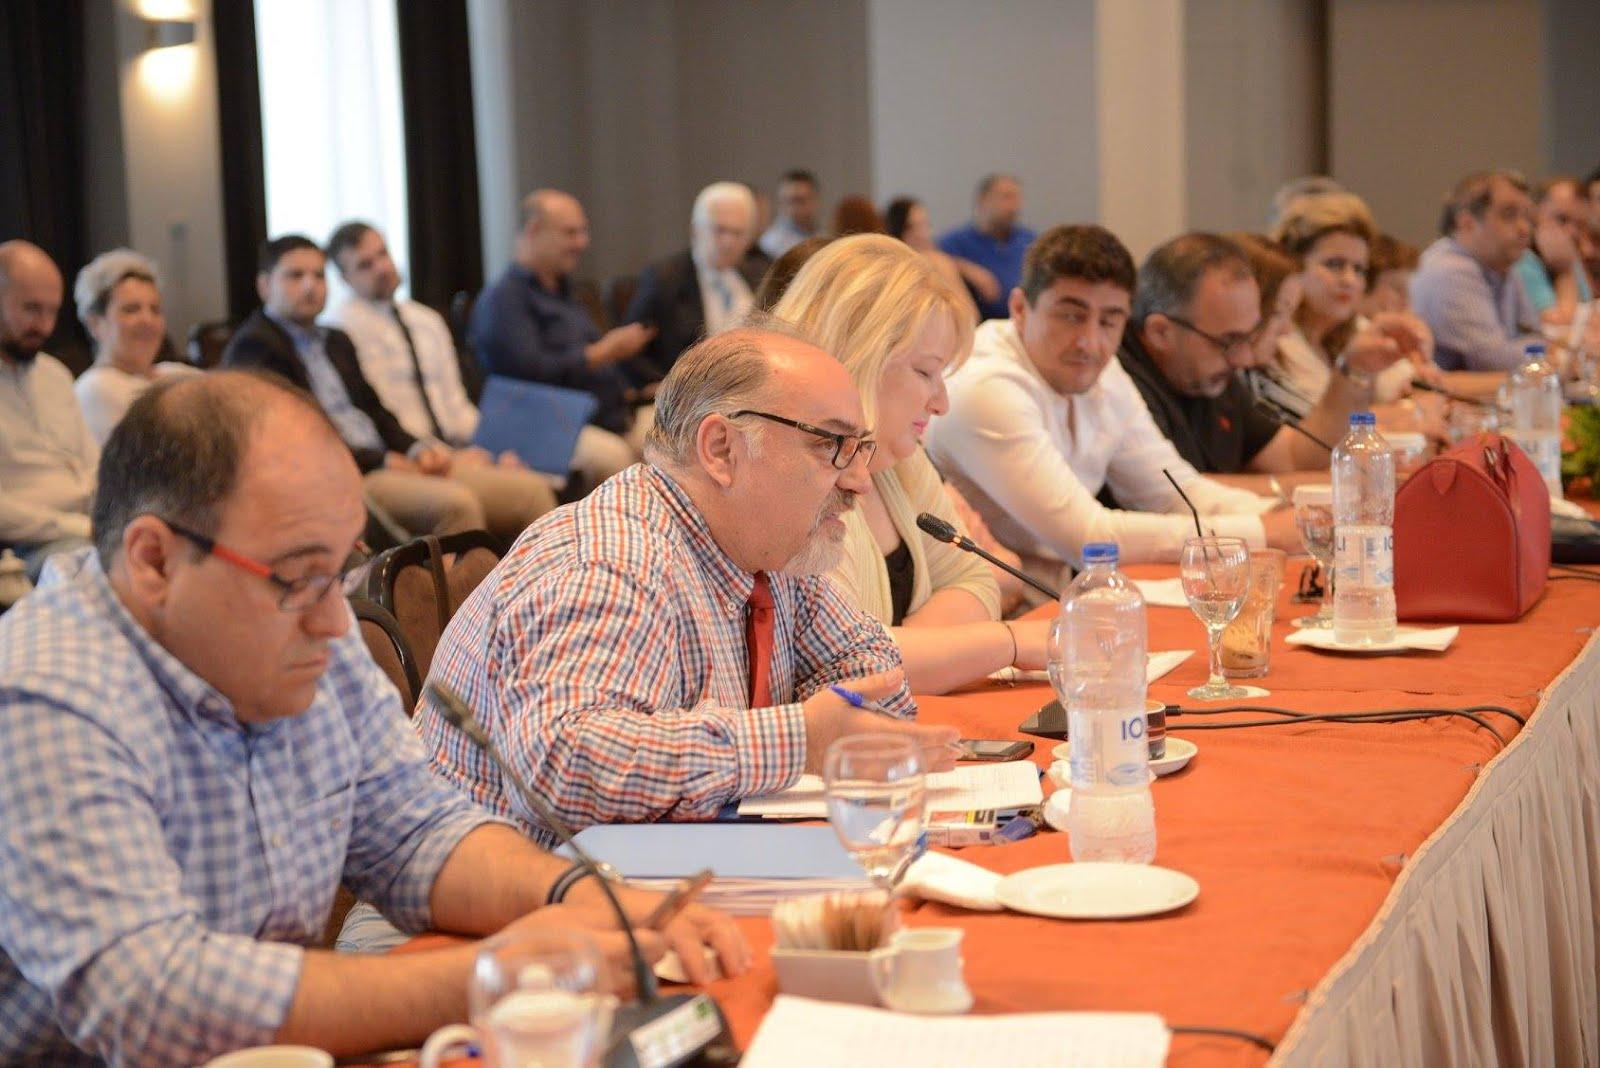 Ολομέλεια Προέδρων Δικηγορικών Συλλόγων Ορεστιάδα - Αλεξ/πολη 16/17-6-2018